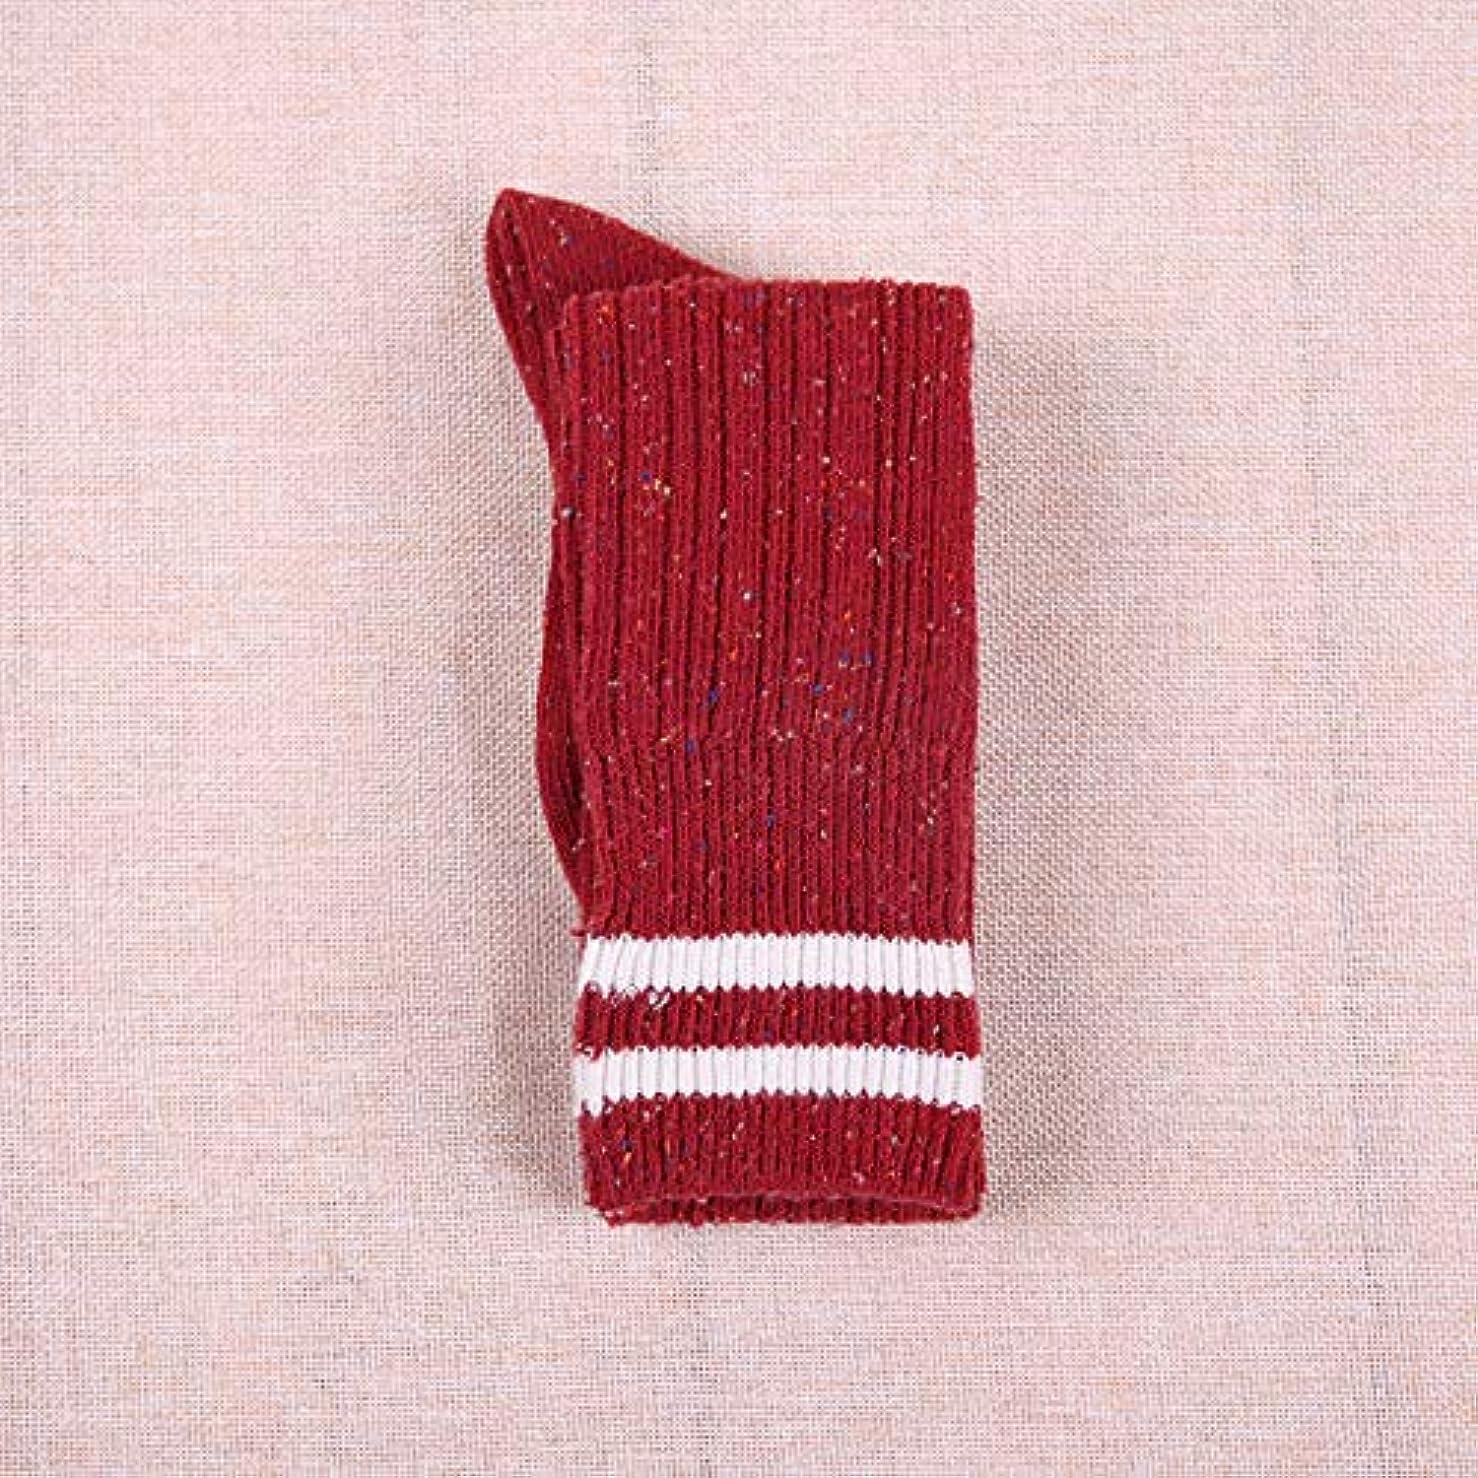 里親軽減メガロポリス膝のソックスの女性の潮無地の冬の暖かいレトロストッキングの2つのバーは、膝の学生太ももの靴下カレッジ風